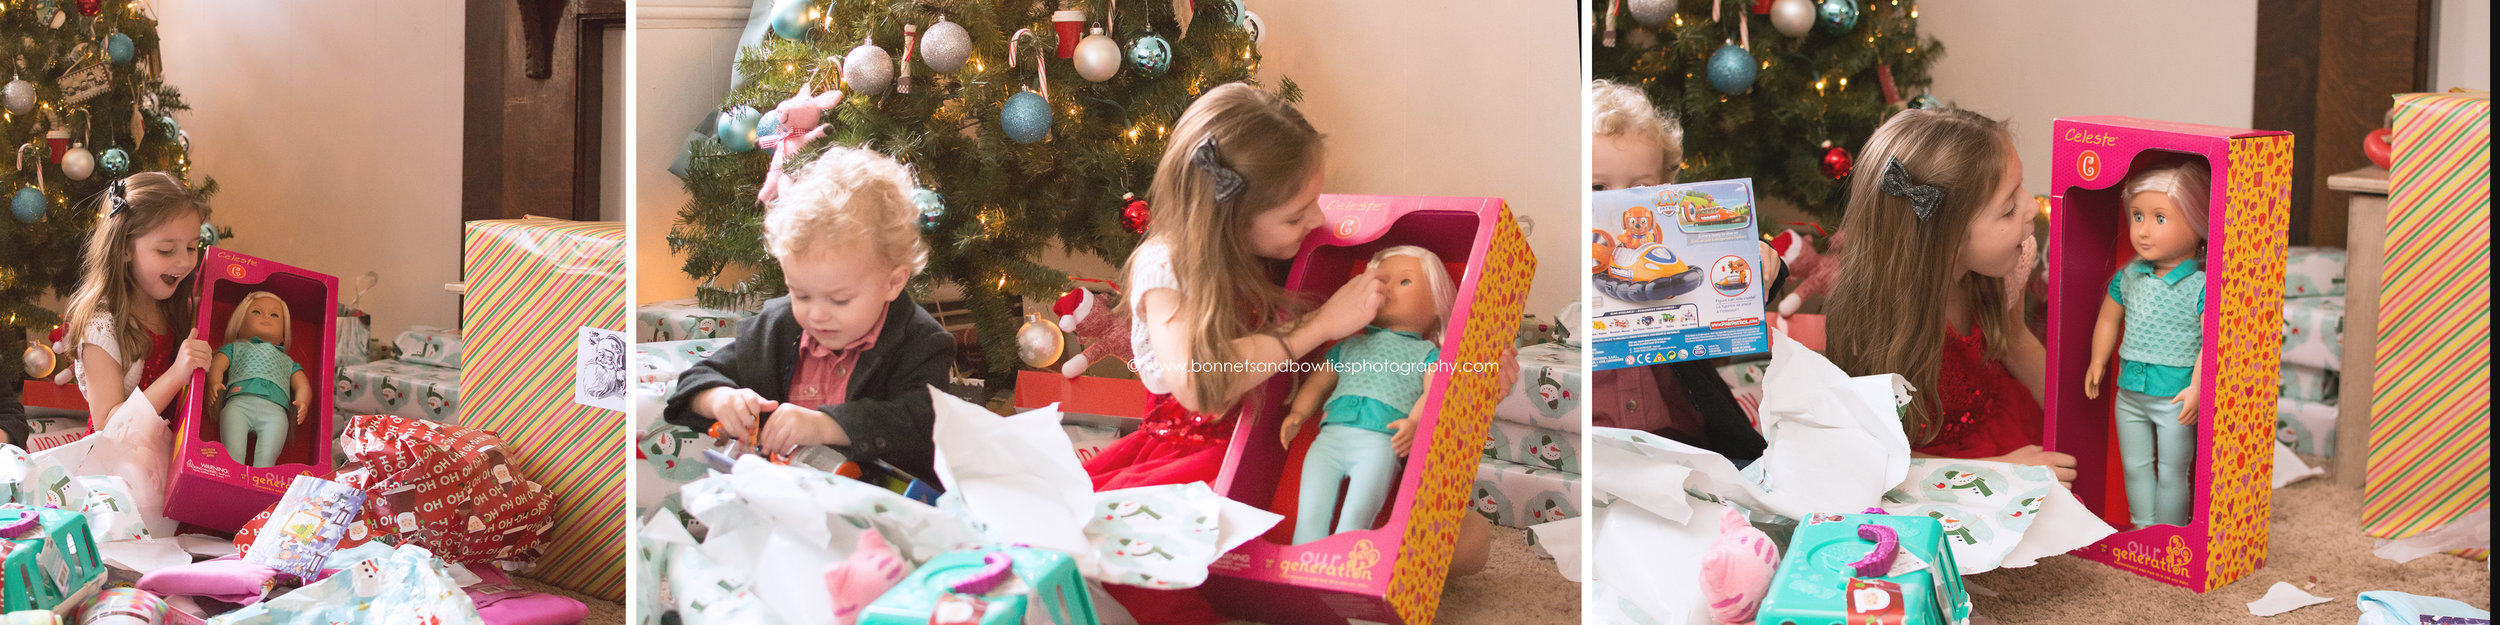 little girl opening christmas presents.jpg